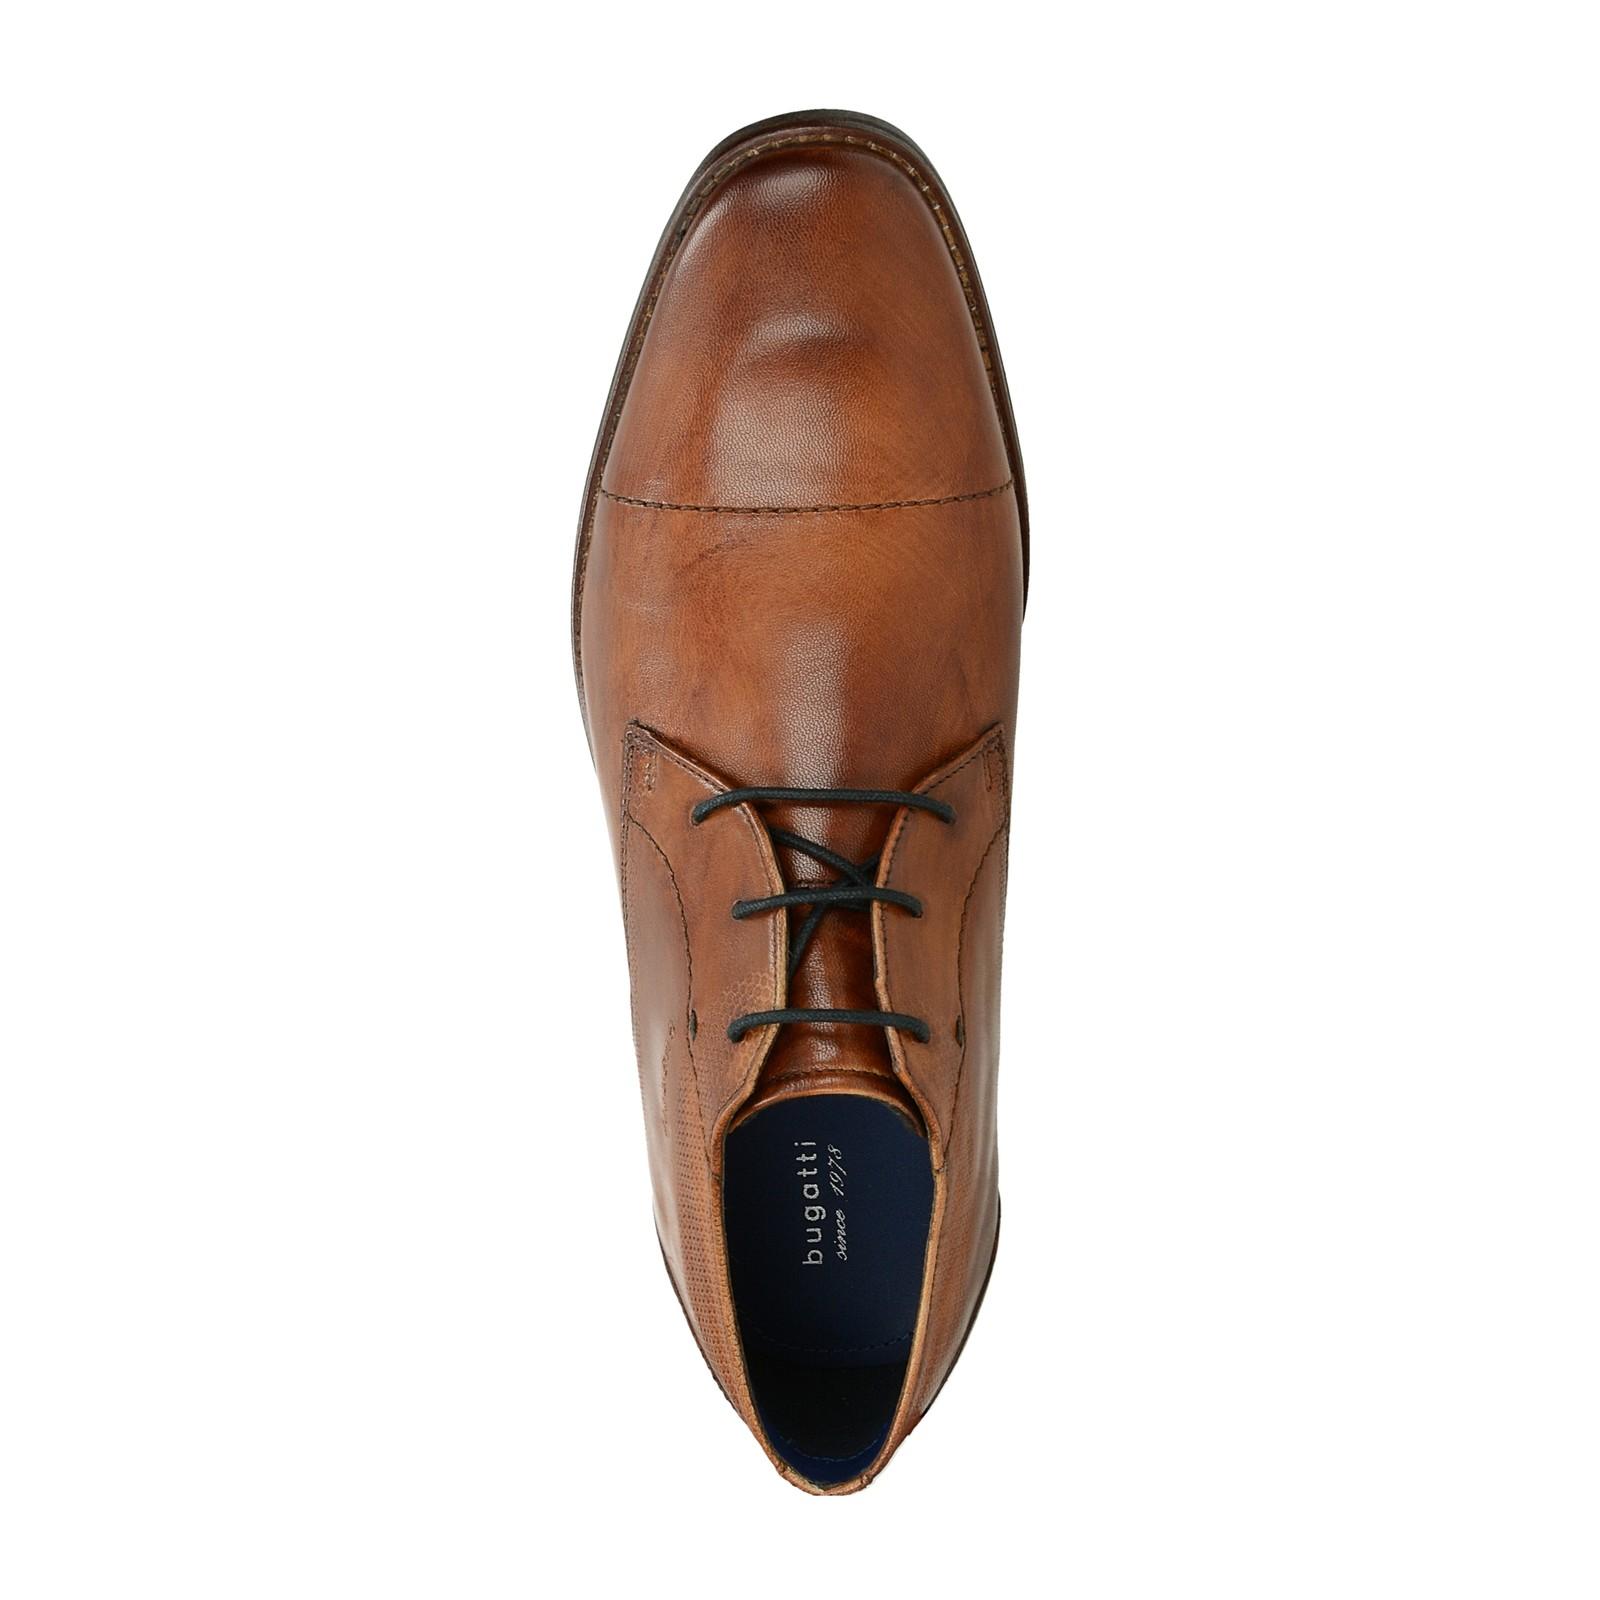 73f1bcec7986 Bugatti pánske kožené spoločenské topánky - koňakové ...